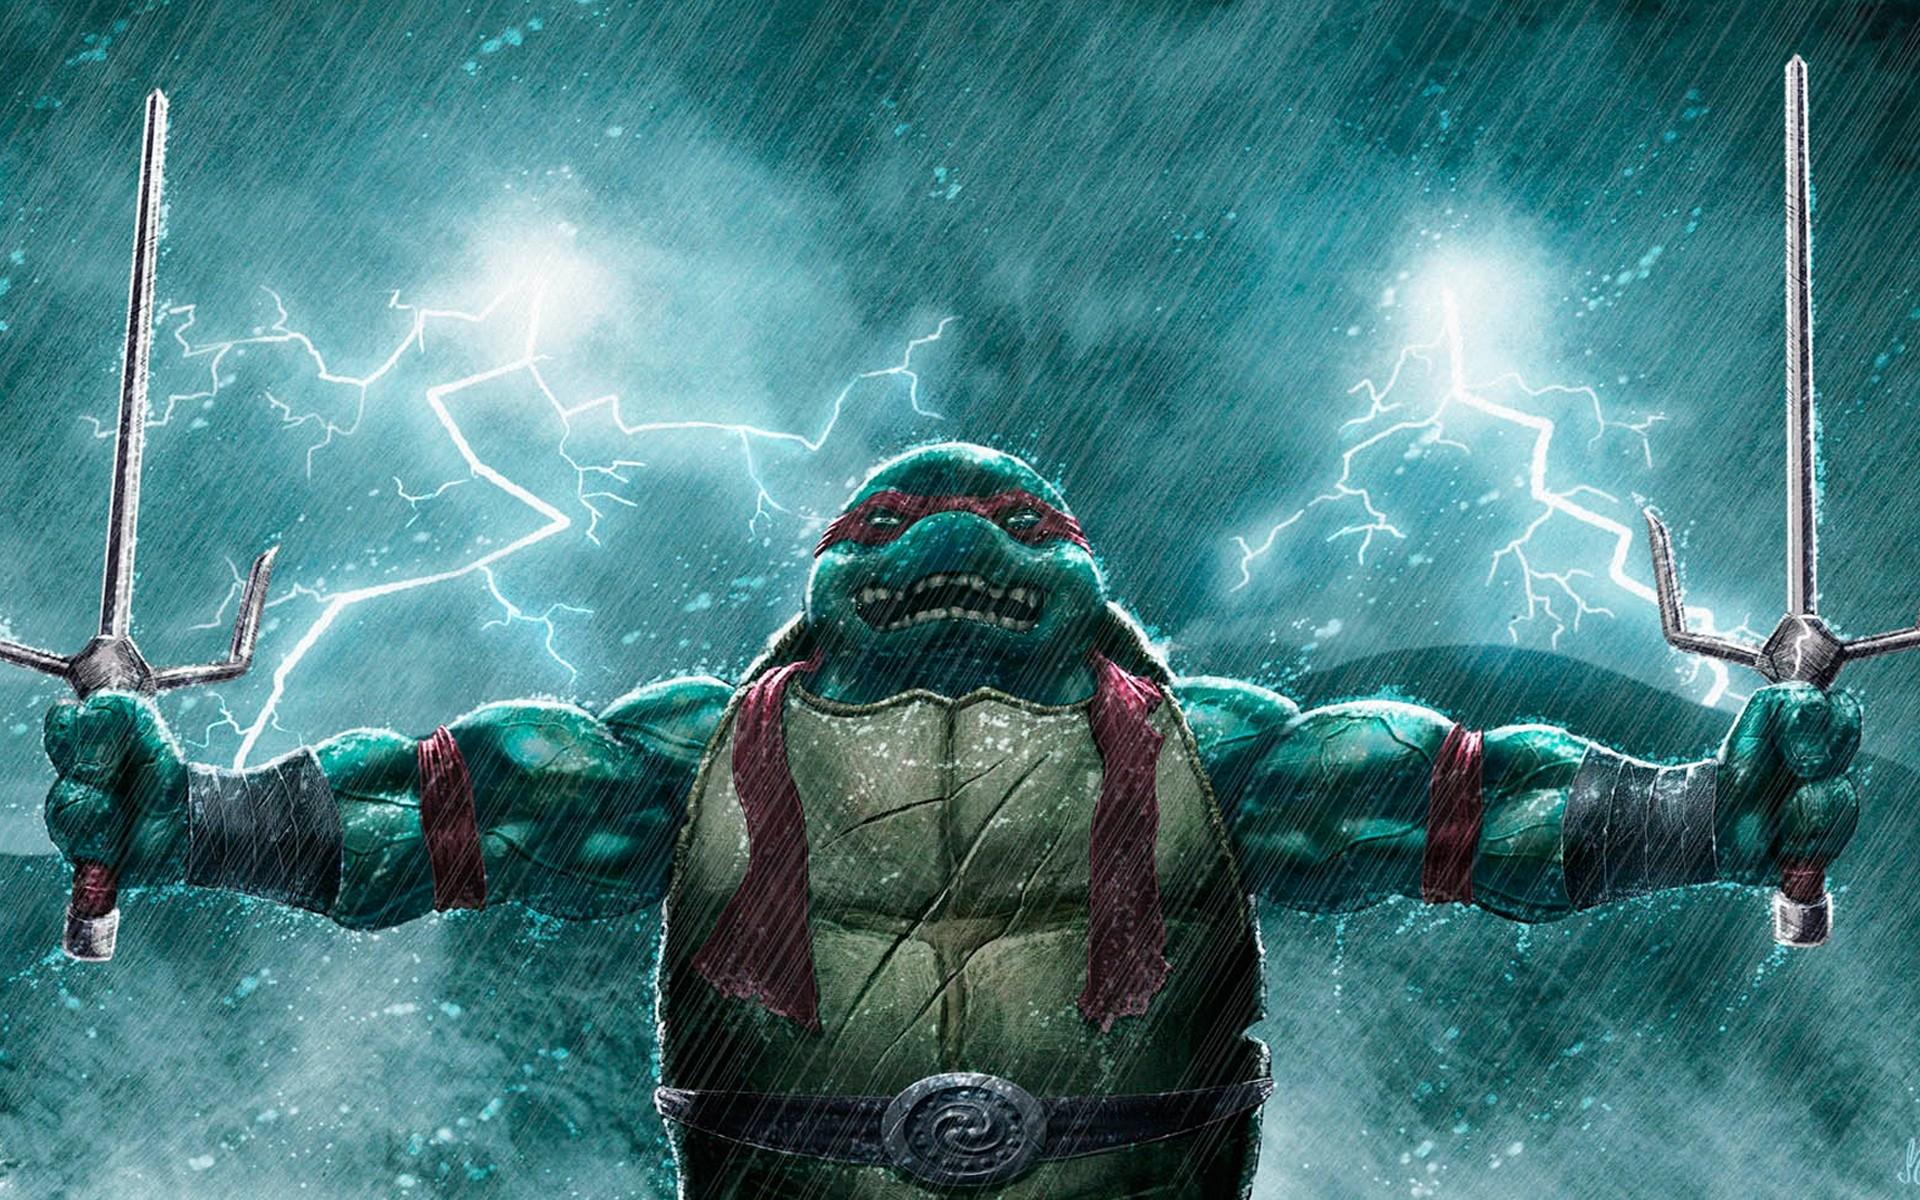 Teenage mutant ninja turtles wallpapers 66 images - Ninja turtles wallpaper ...